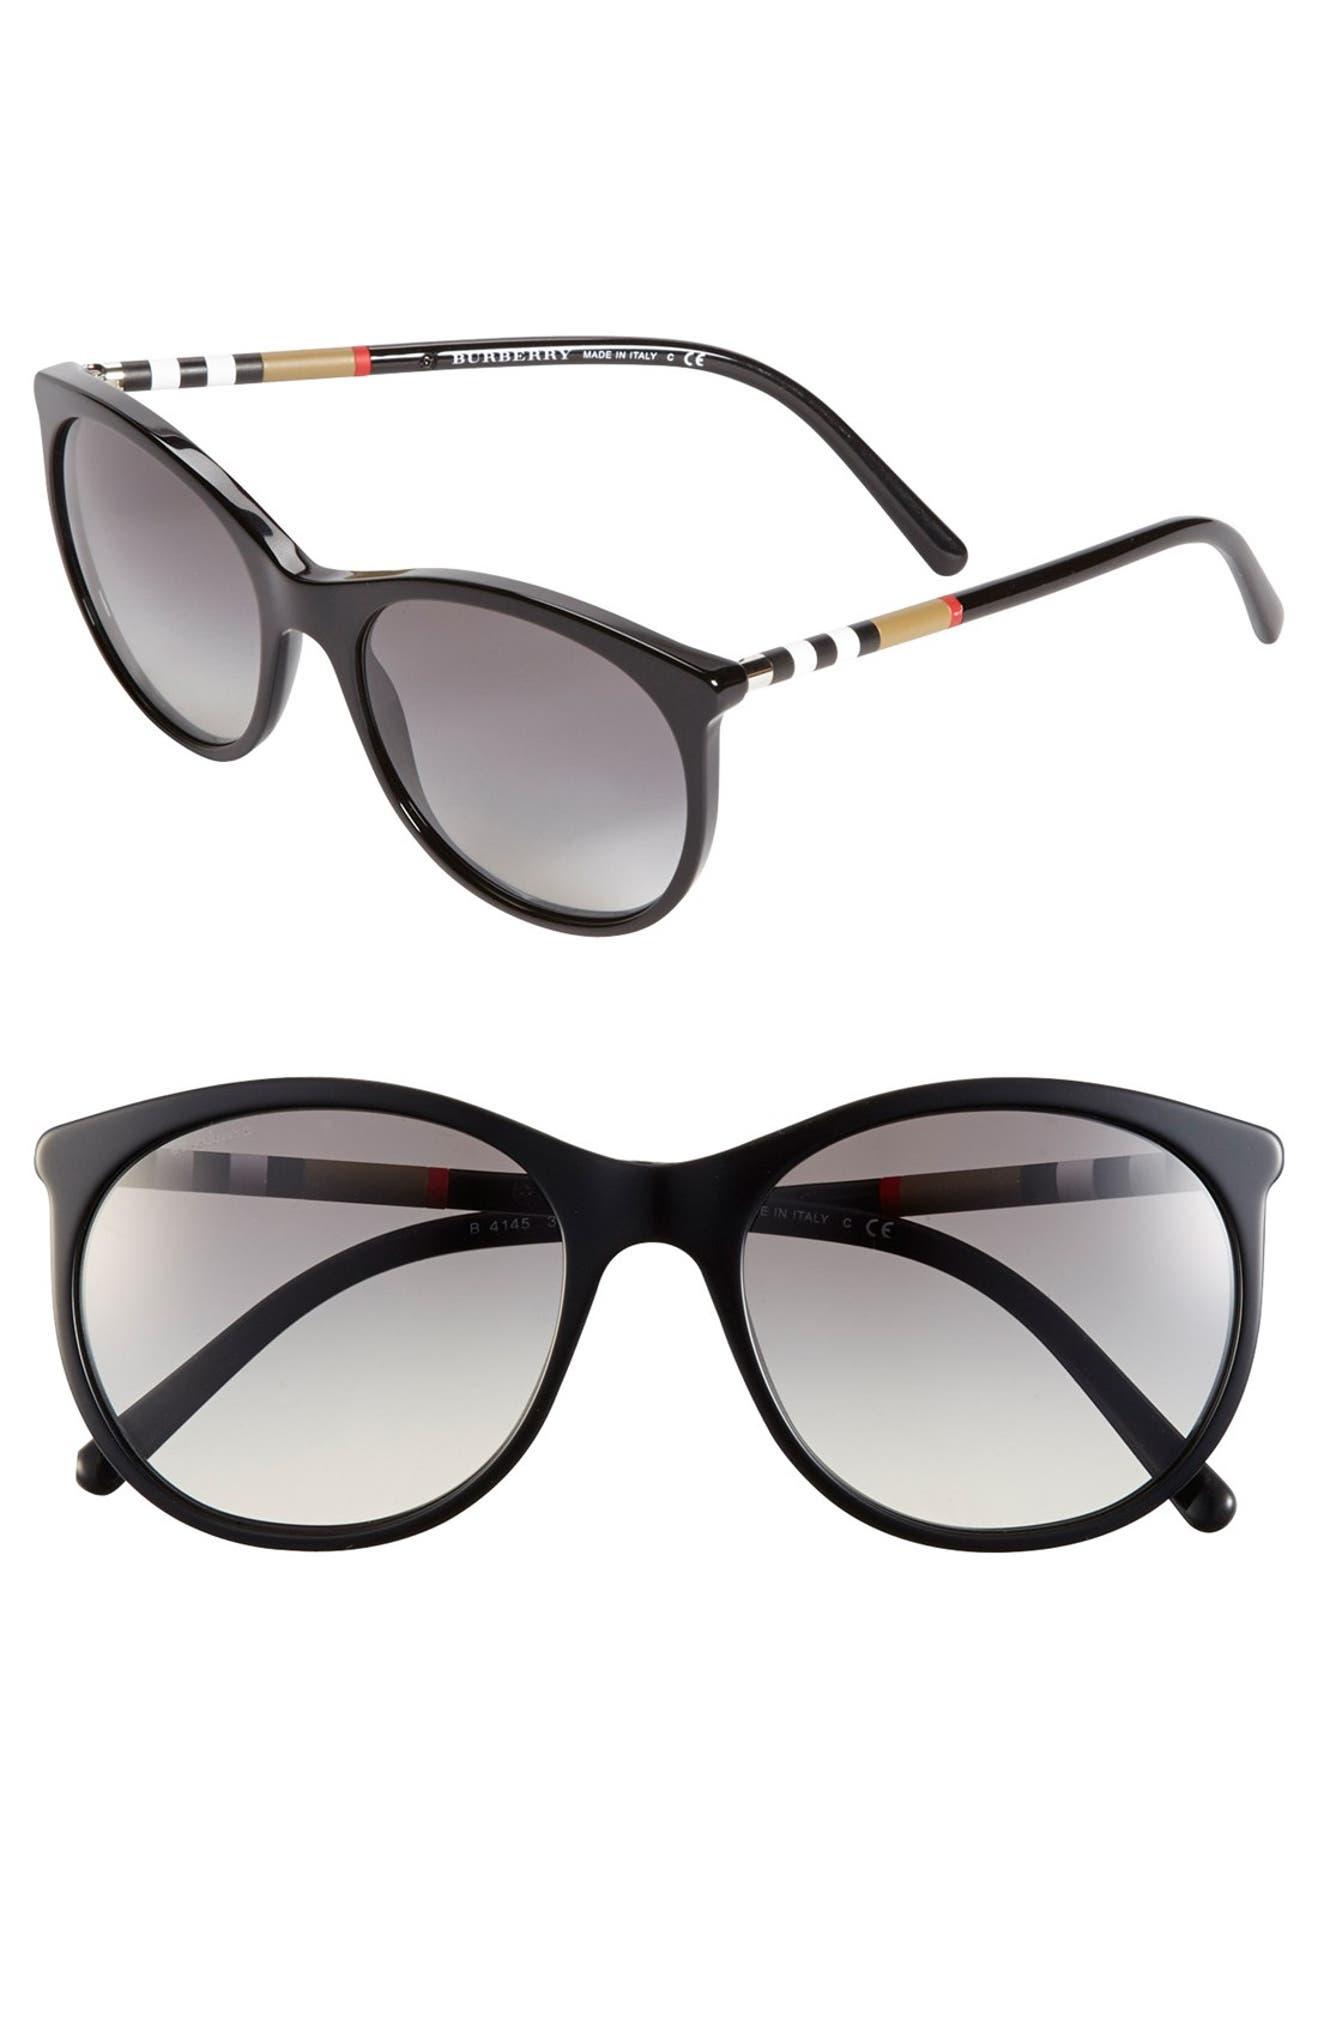 0a6f3c1dc5f Burberry 55mm Cat Eye Sunglasses